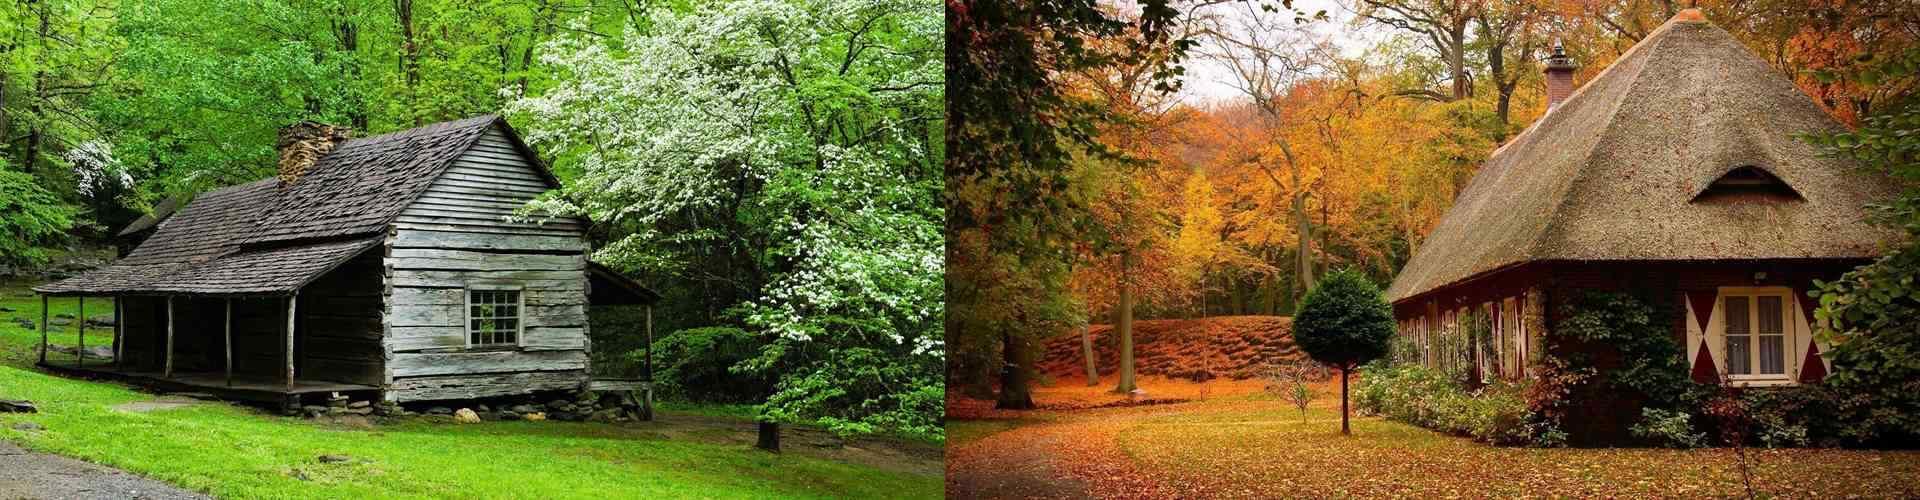 小木屋_小木屋风景图片_唯美的小木屋风景壁纸_小清新风景壁纸